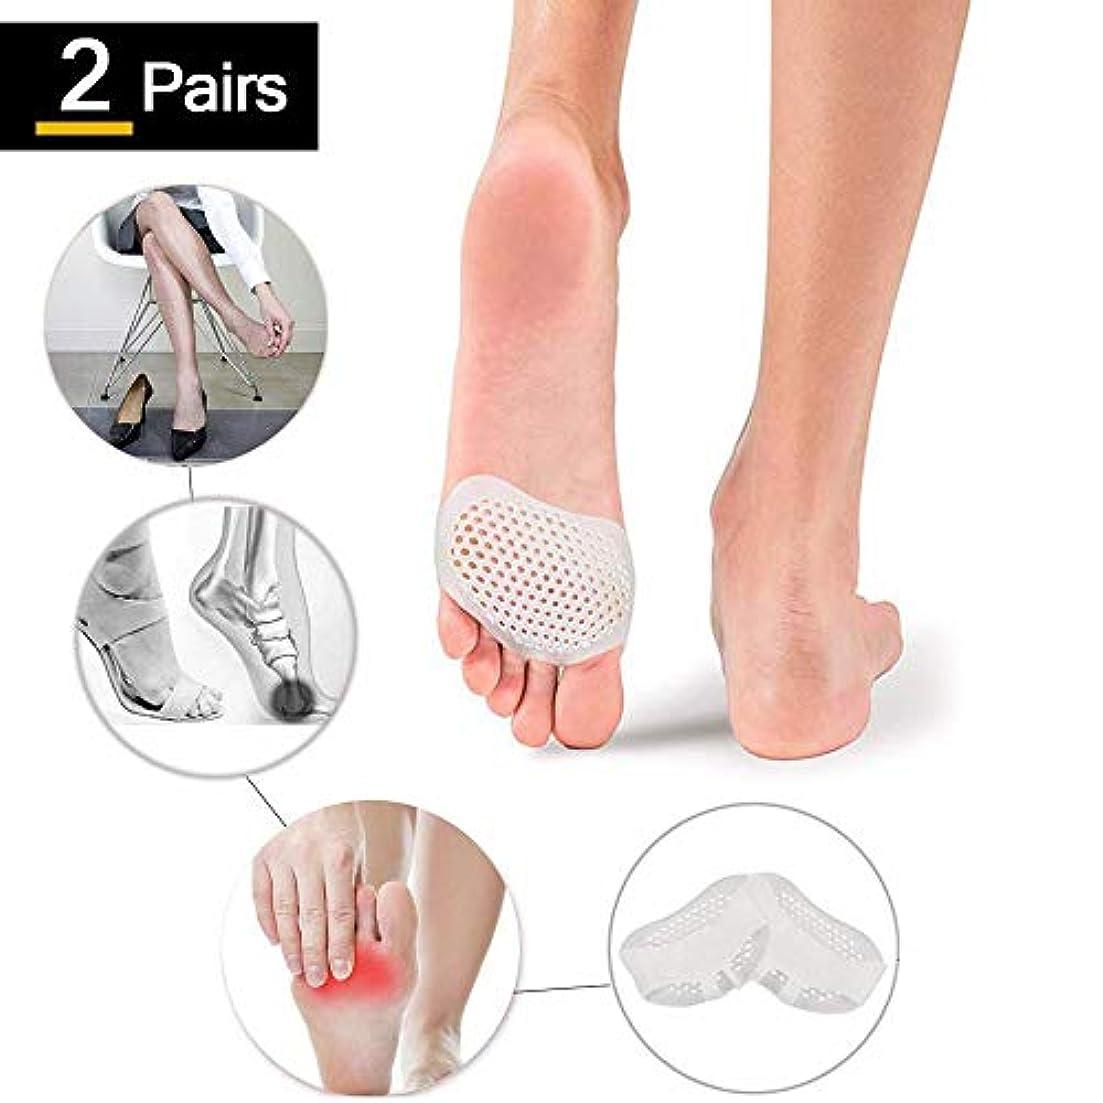 カジュアル顔料キリスト教ソフトジェルの痛みを軽減するインソール、足前中足パッド、足のクッションのボール、糖尿病の足に最適、カルス、水疱、前足の痛み2 Pairs